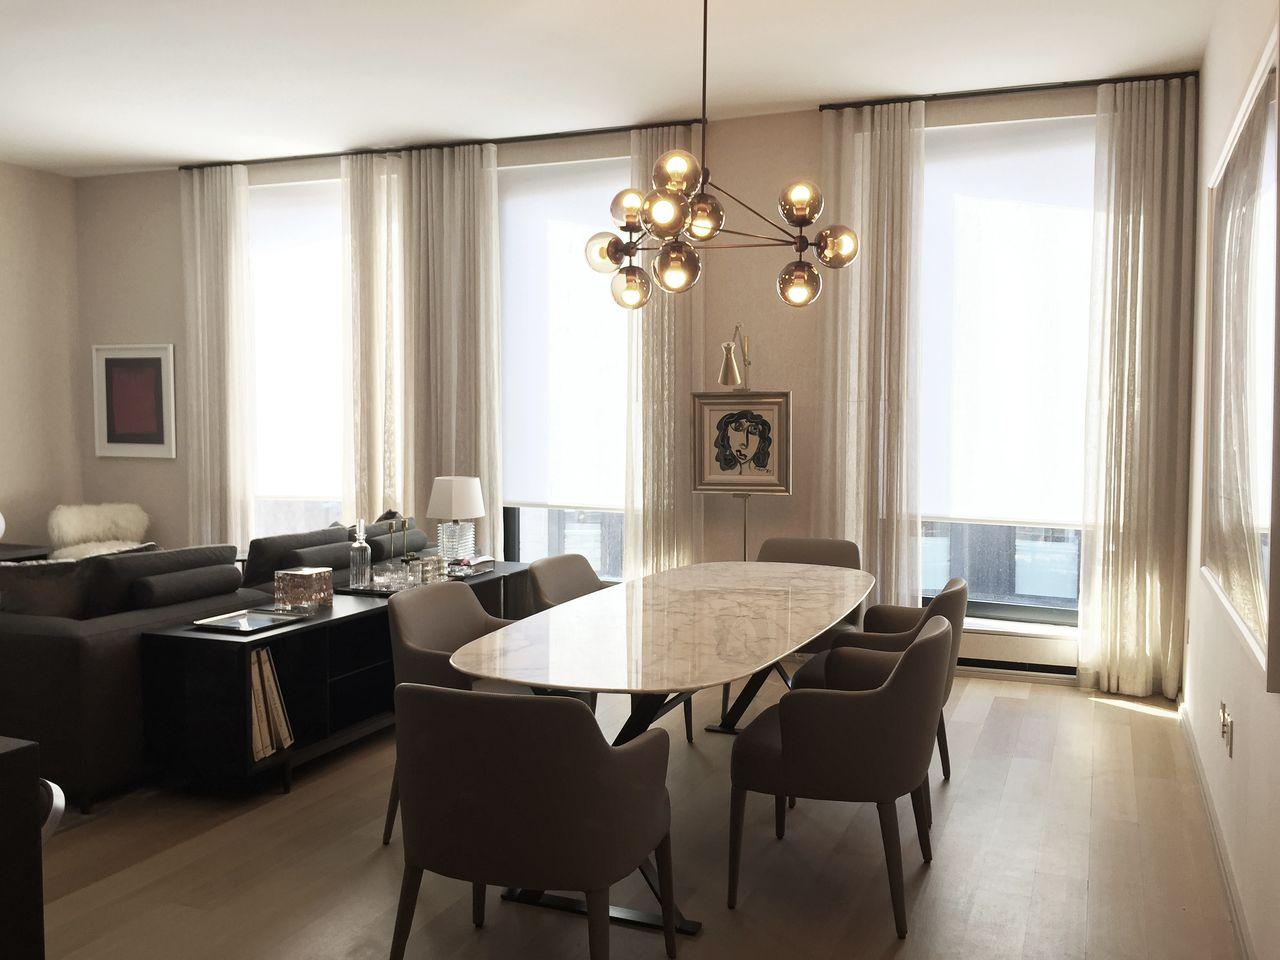 mesa de jantar oval com cavaletes